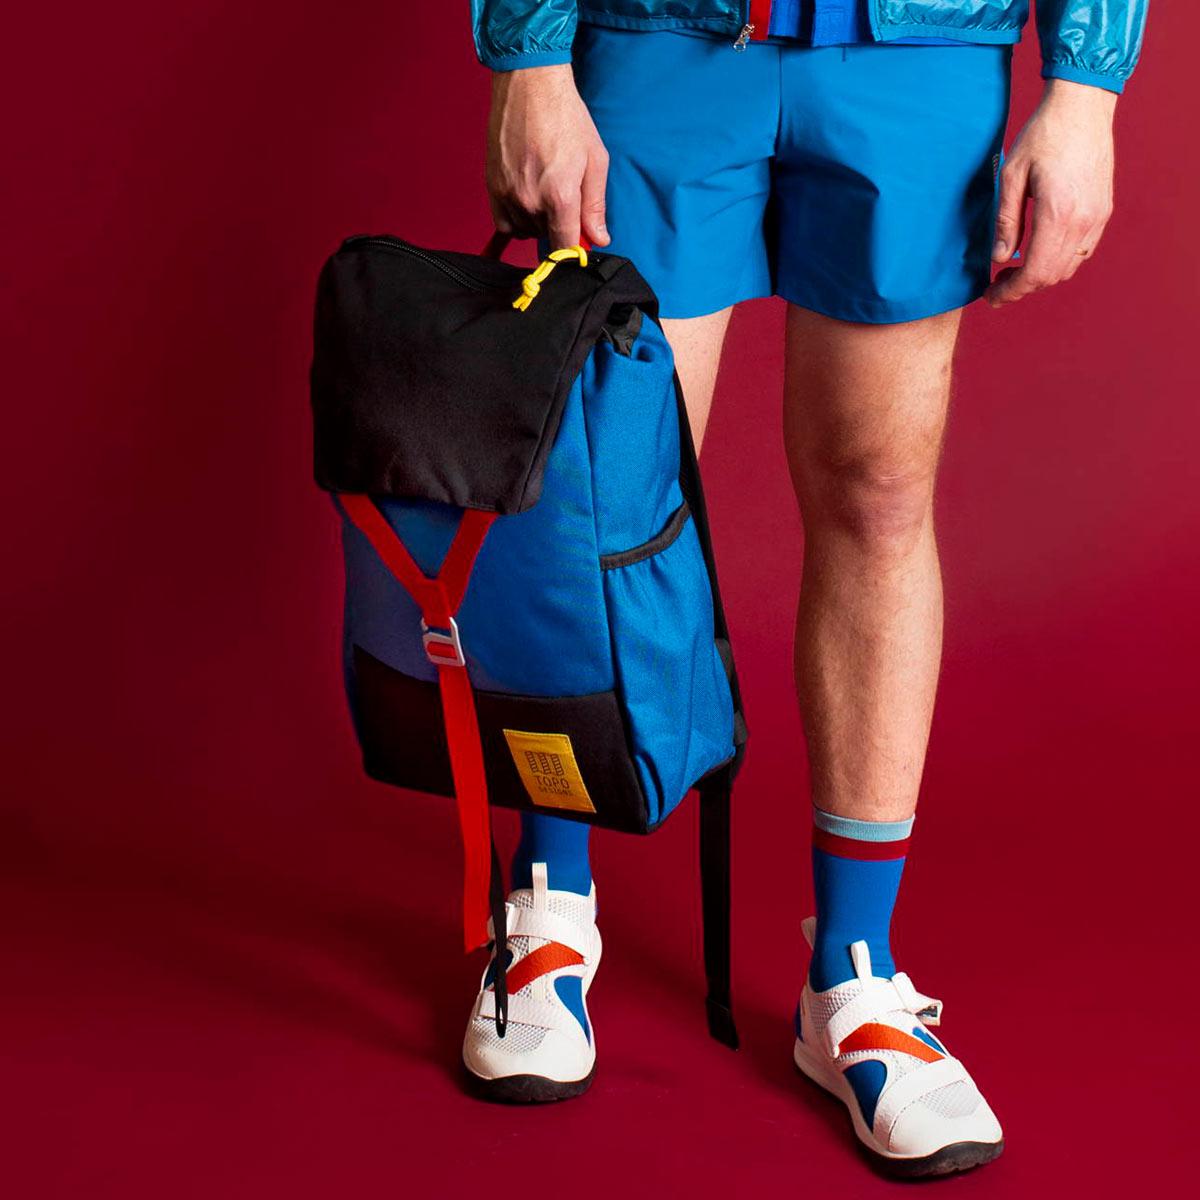 Topo Designs Y-Pack Blue/Black fijne dagrugzak met een brede klep en éénpunts sluiting